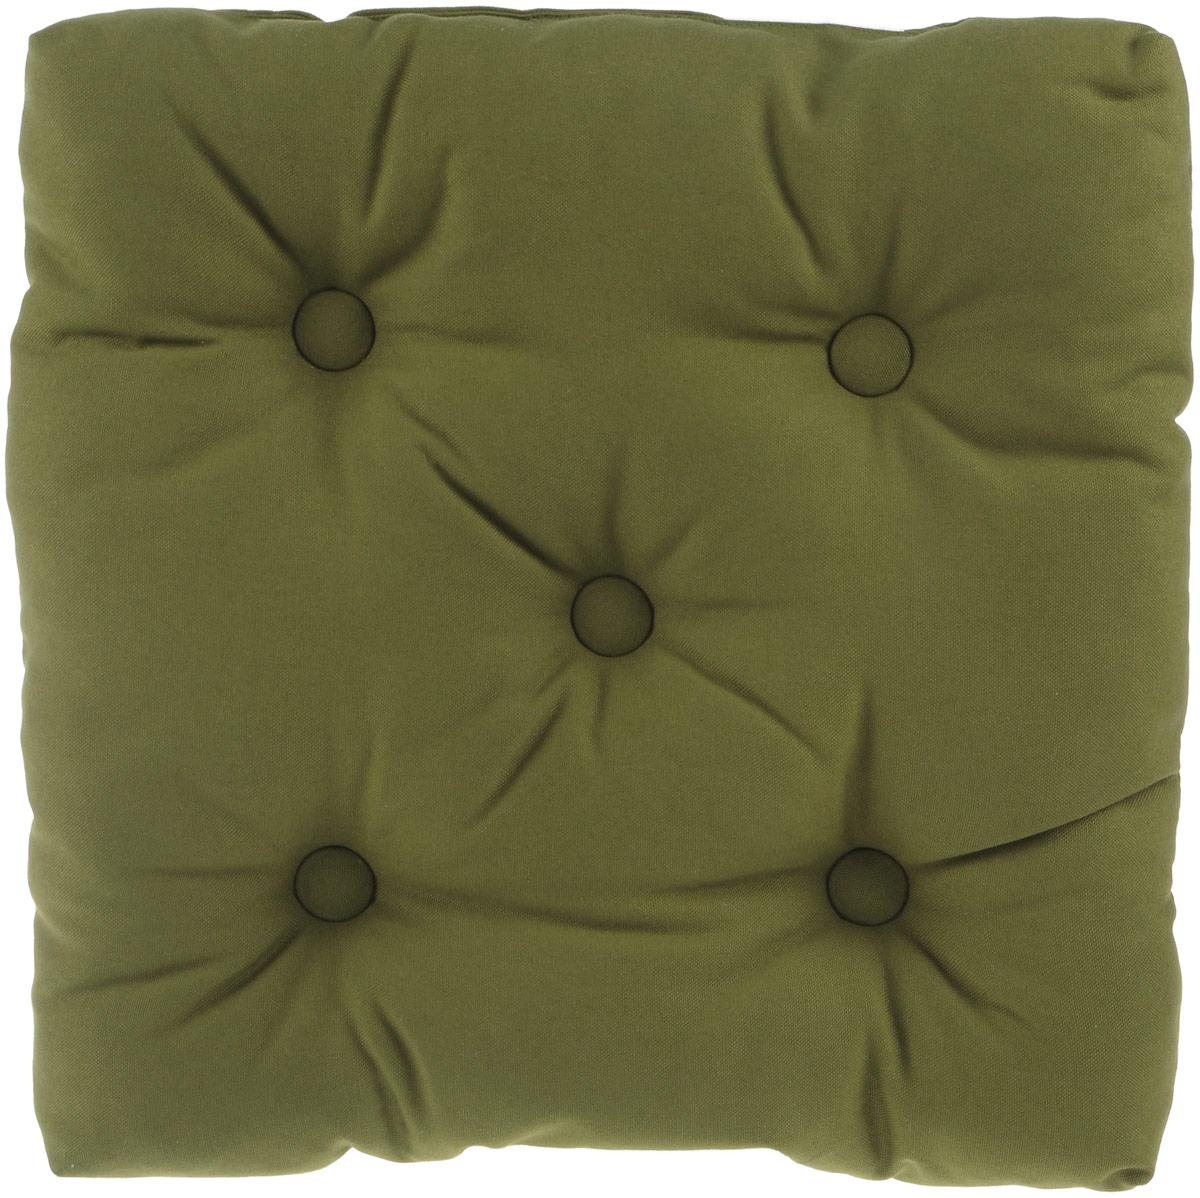 Подушка на стул KauffOrt Комо, цвет: зеленый, 40 x 40 см1004900000360Подушка на стул KauffOrt Комо не только красиво дополнит интерьер кухни, но и обеспечит комфорт при сидении. Чехол выполнен из хлопка, а наполнитель из холлофайбера. Подушка легко крепится на стул с помощью завязок. Правильно сидеть - значит сохранить здоровье на долгие годы. Жесткие сидения подвергают наше здоровье опасности. Подушка с мягким наполнителем поможет предотвратить большинство нежелательных последствий сидячего образа жизни.Толщина подушки: 10 см.